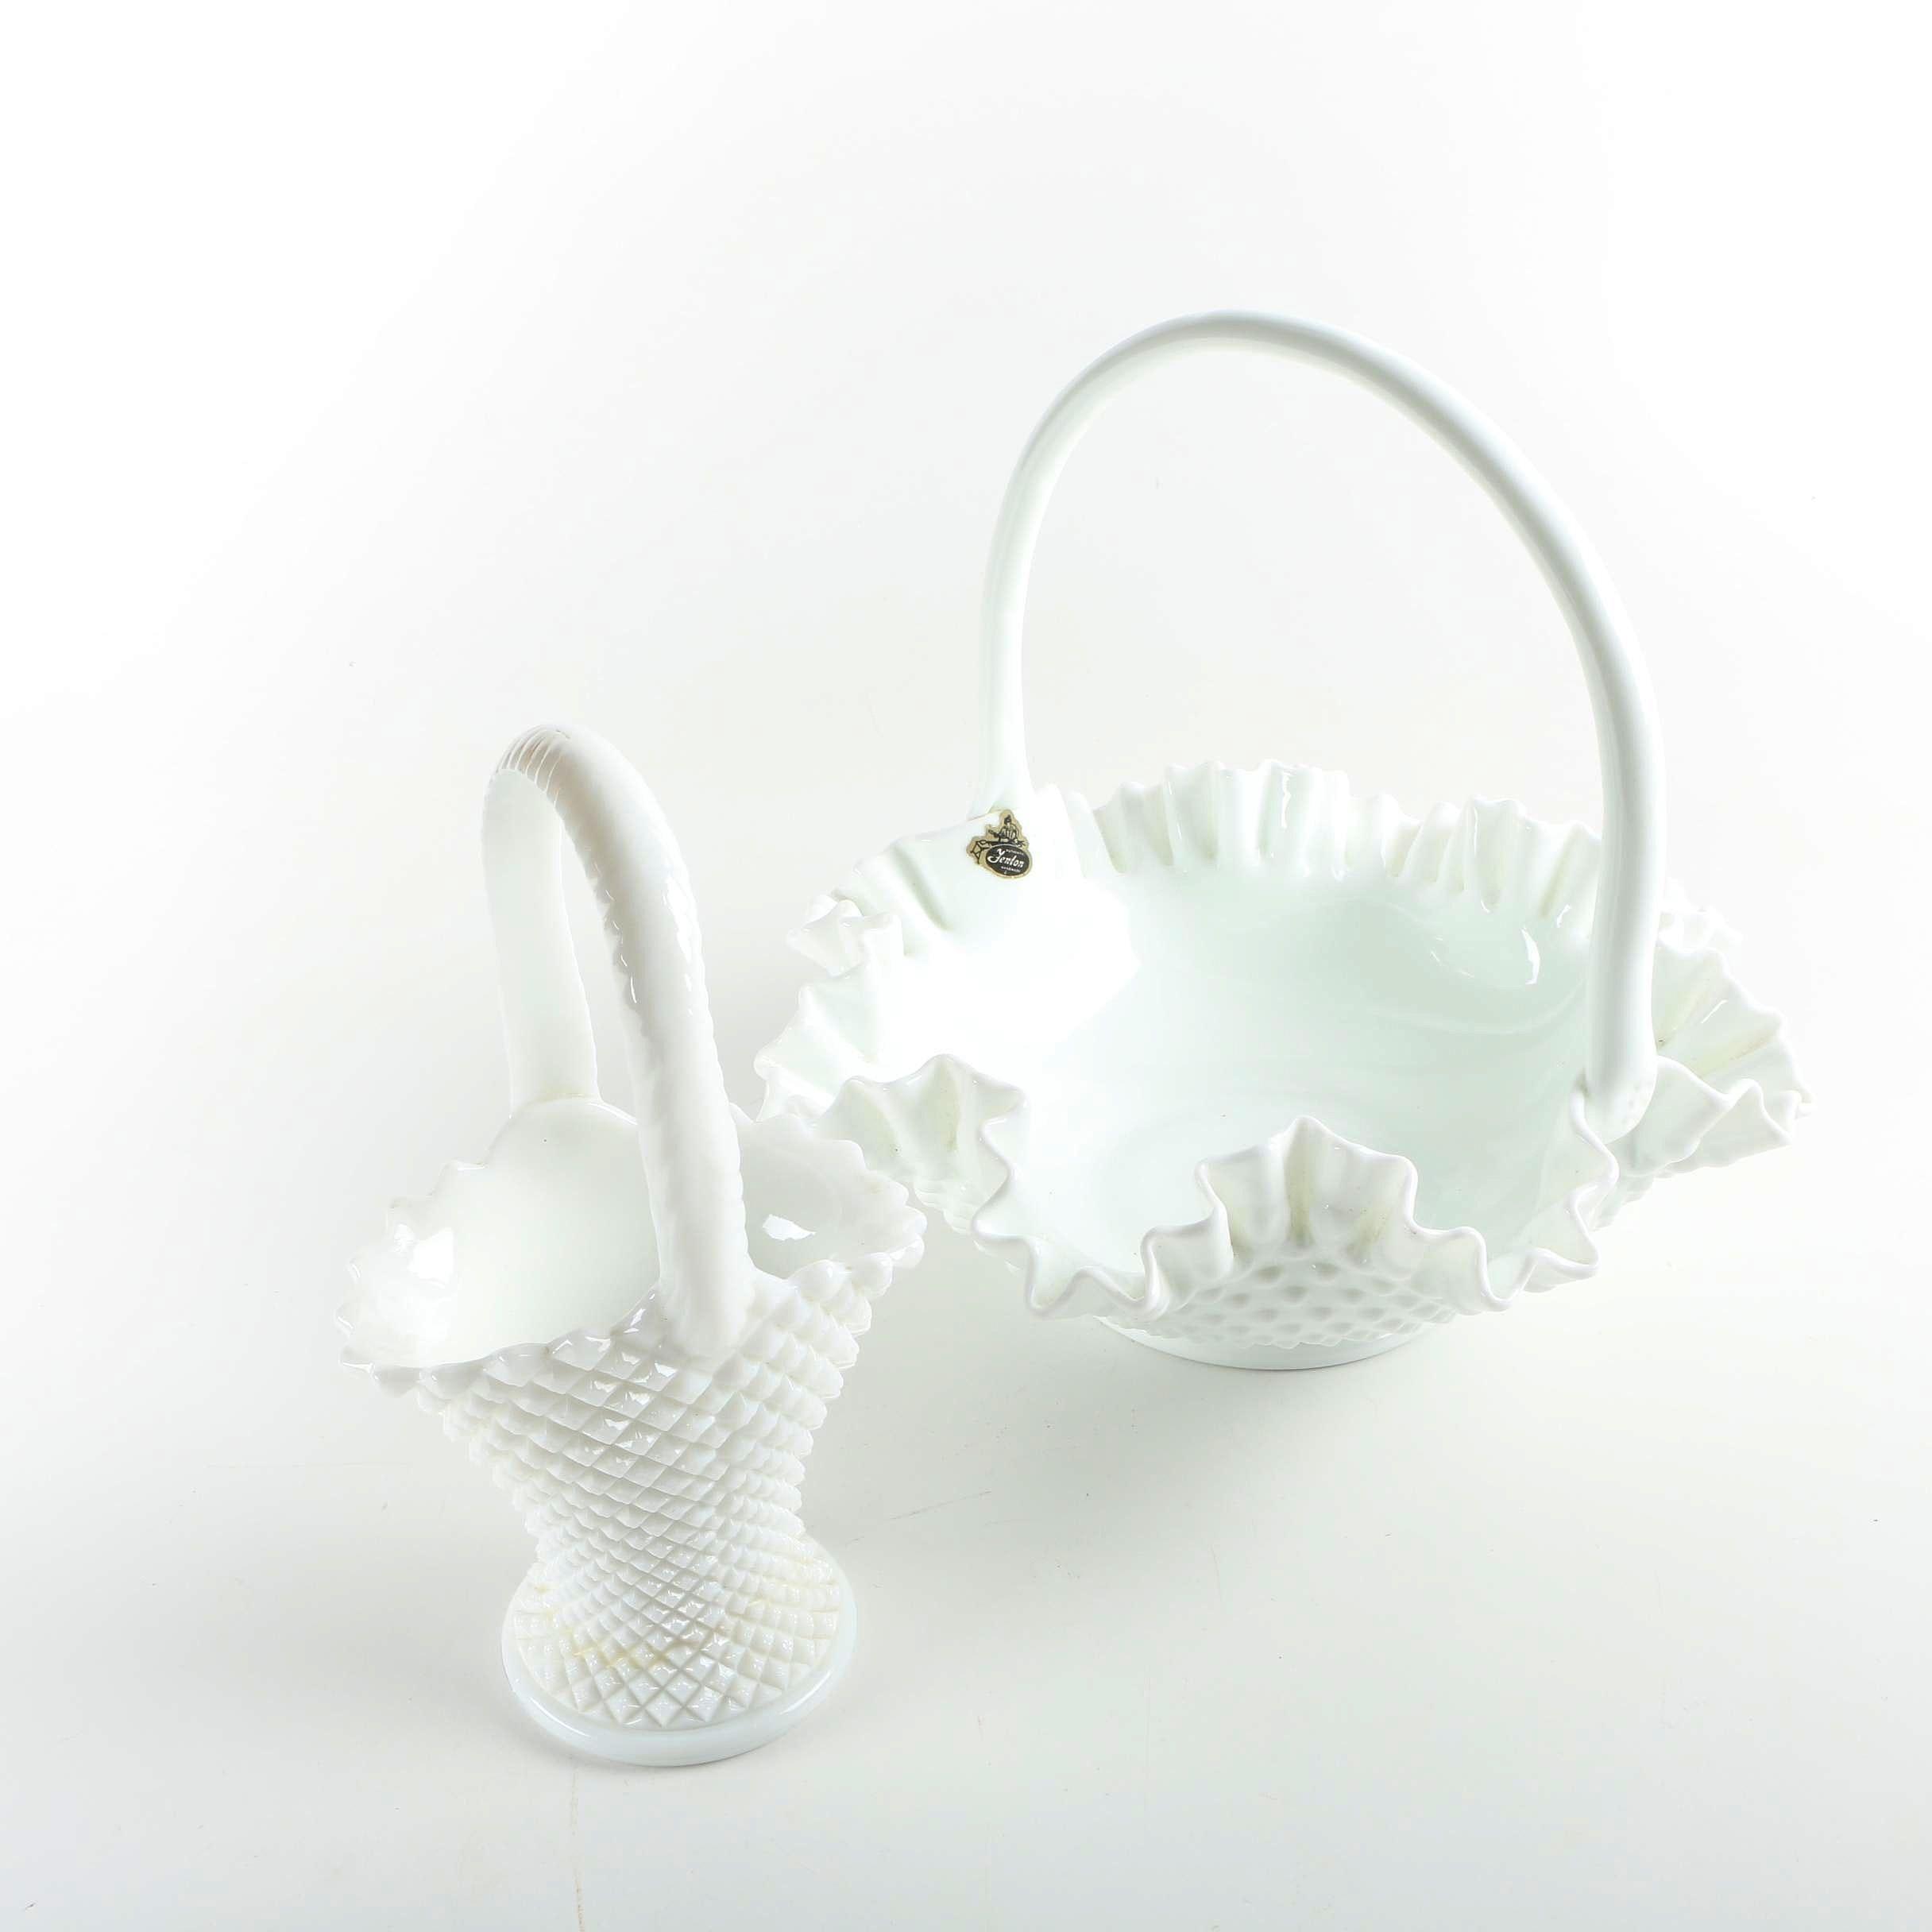 Vintage Milk Glass Brides Baskets Featuring Fenton